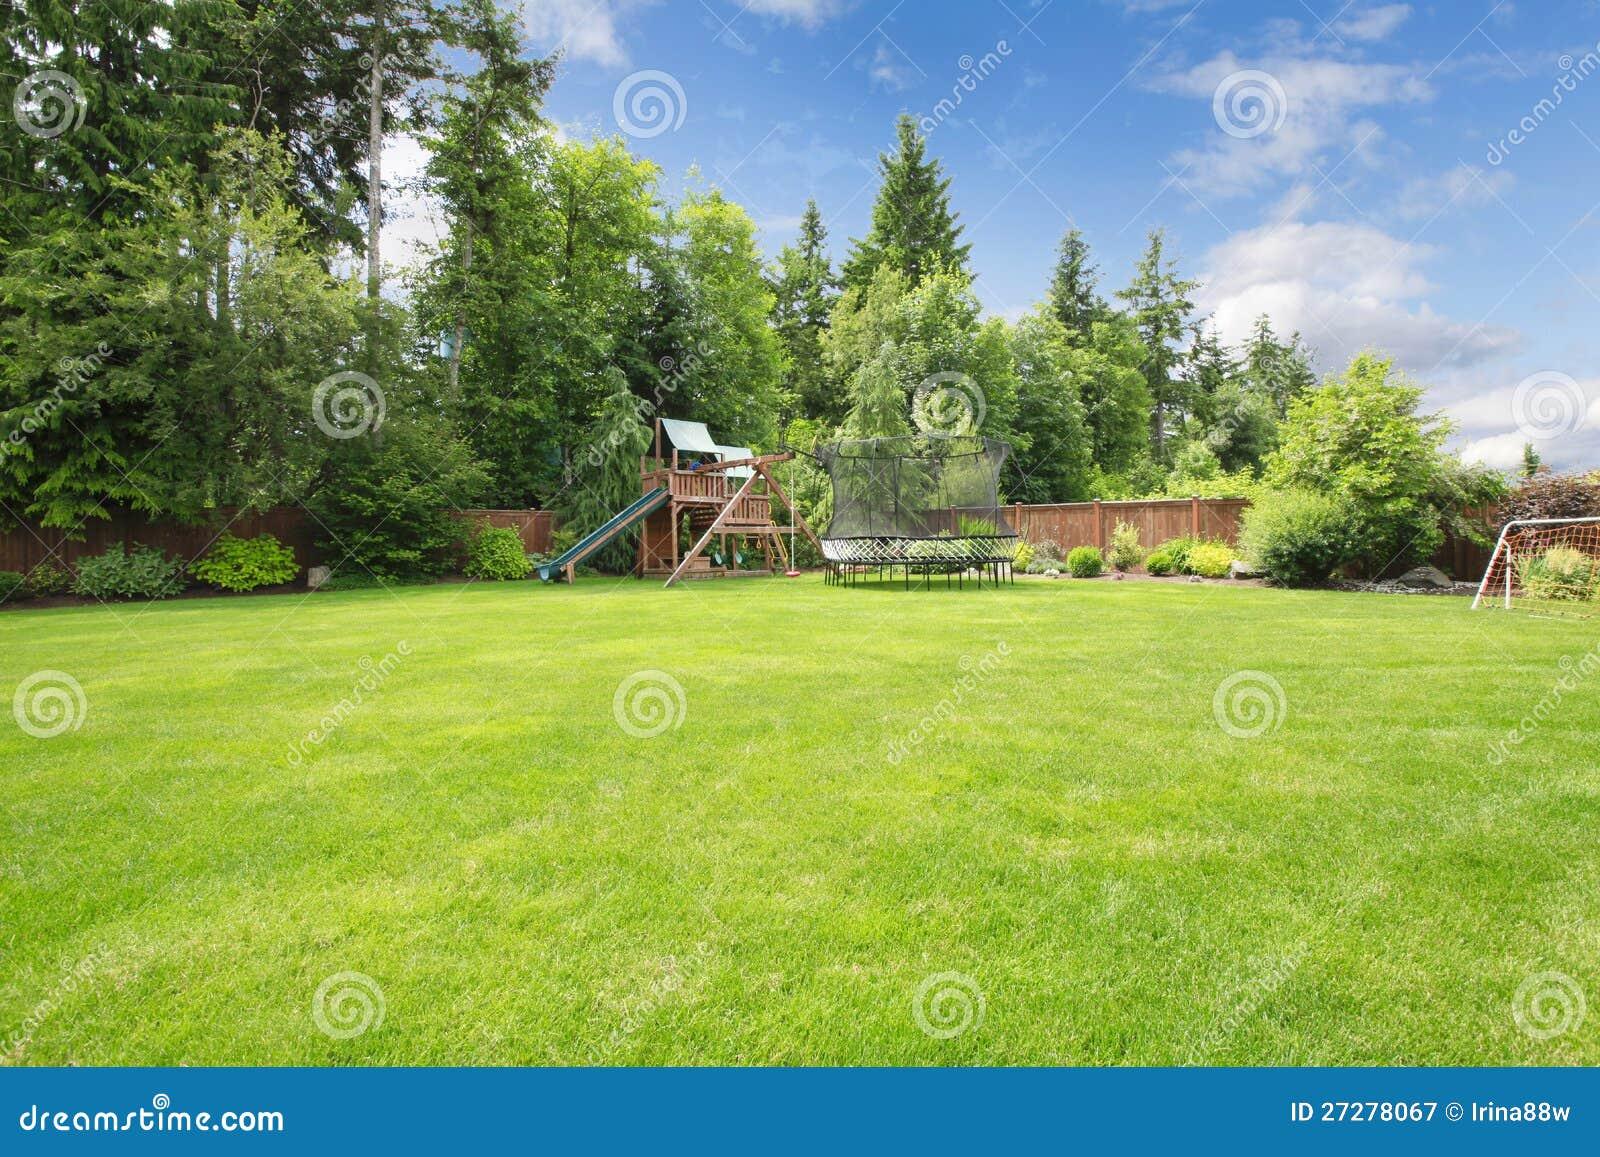 Sommar fäktad trädgård med spelrumområde.